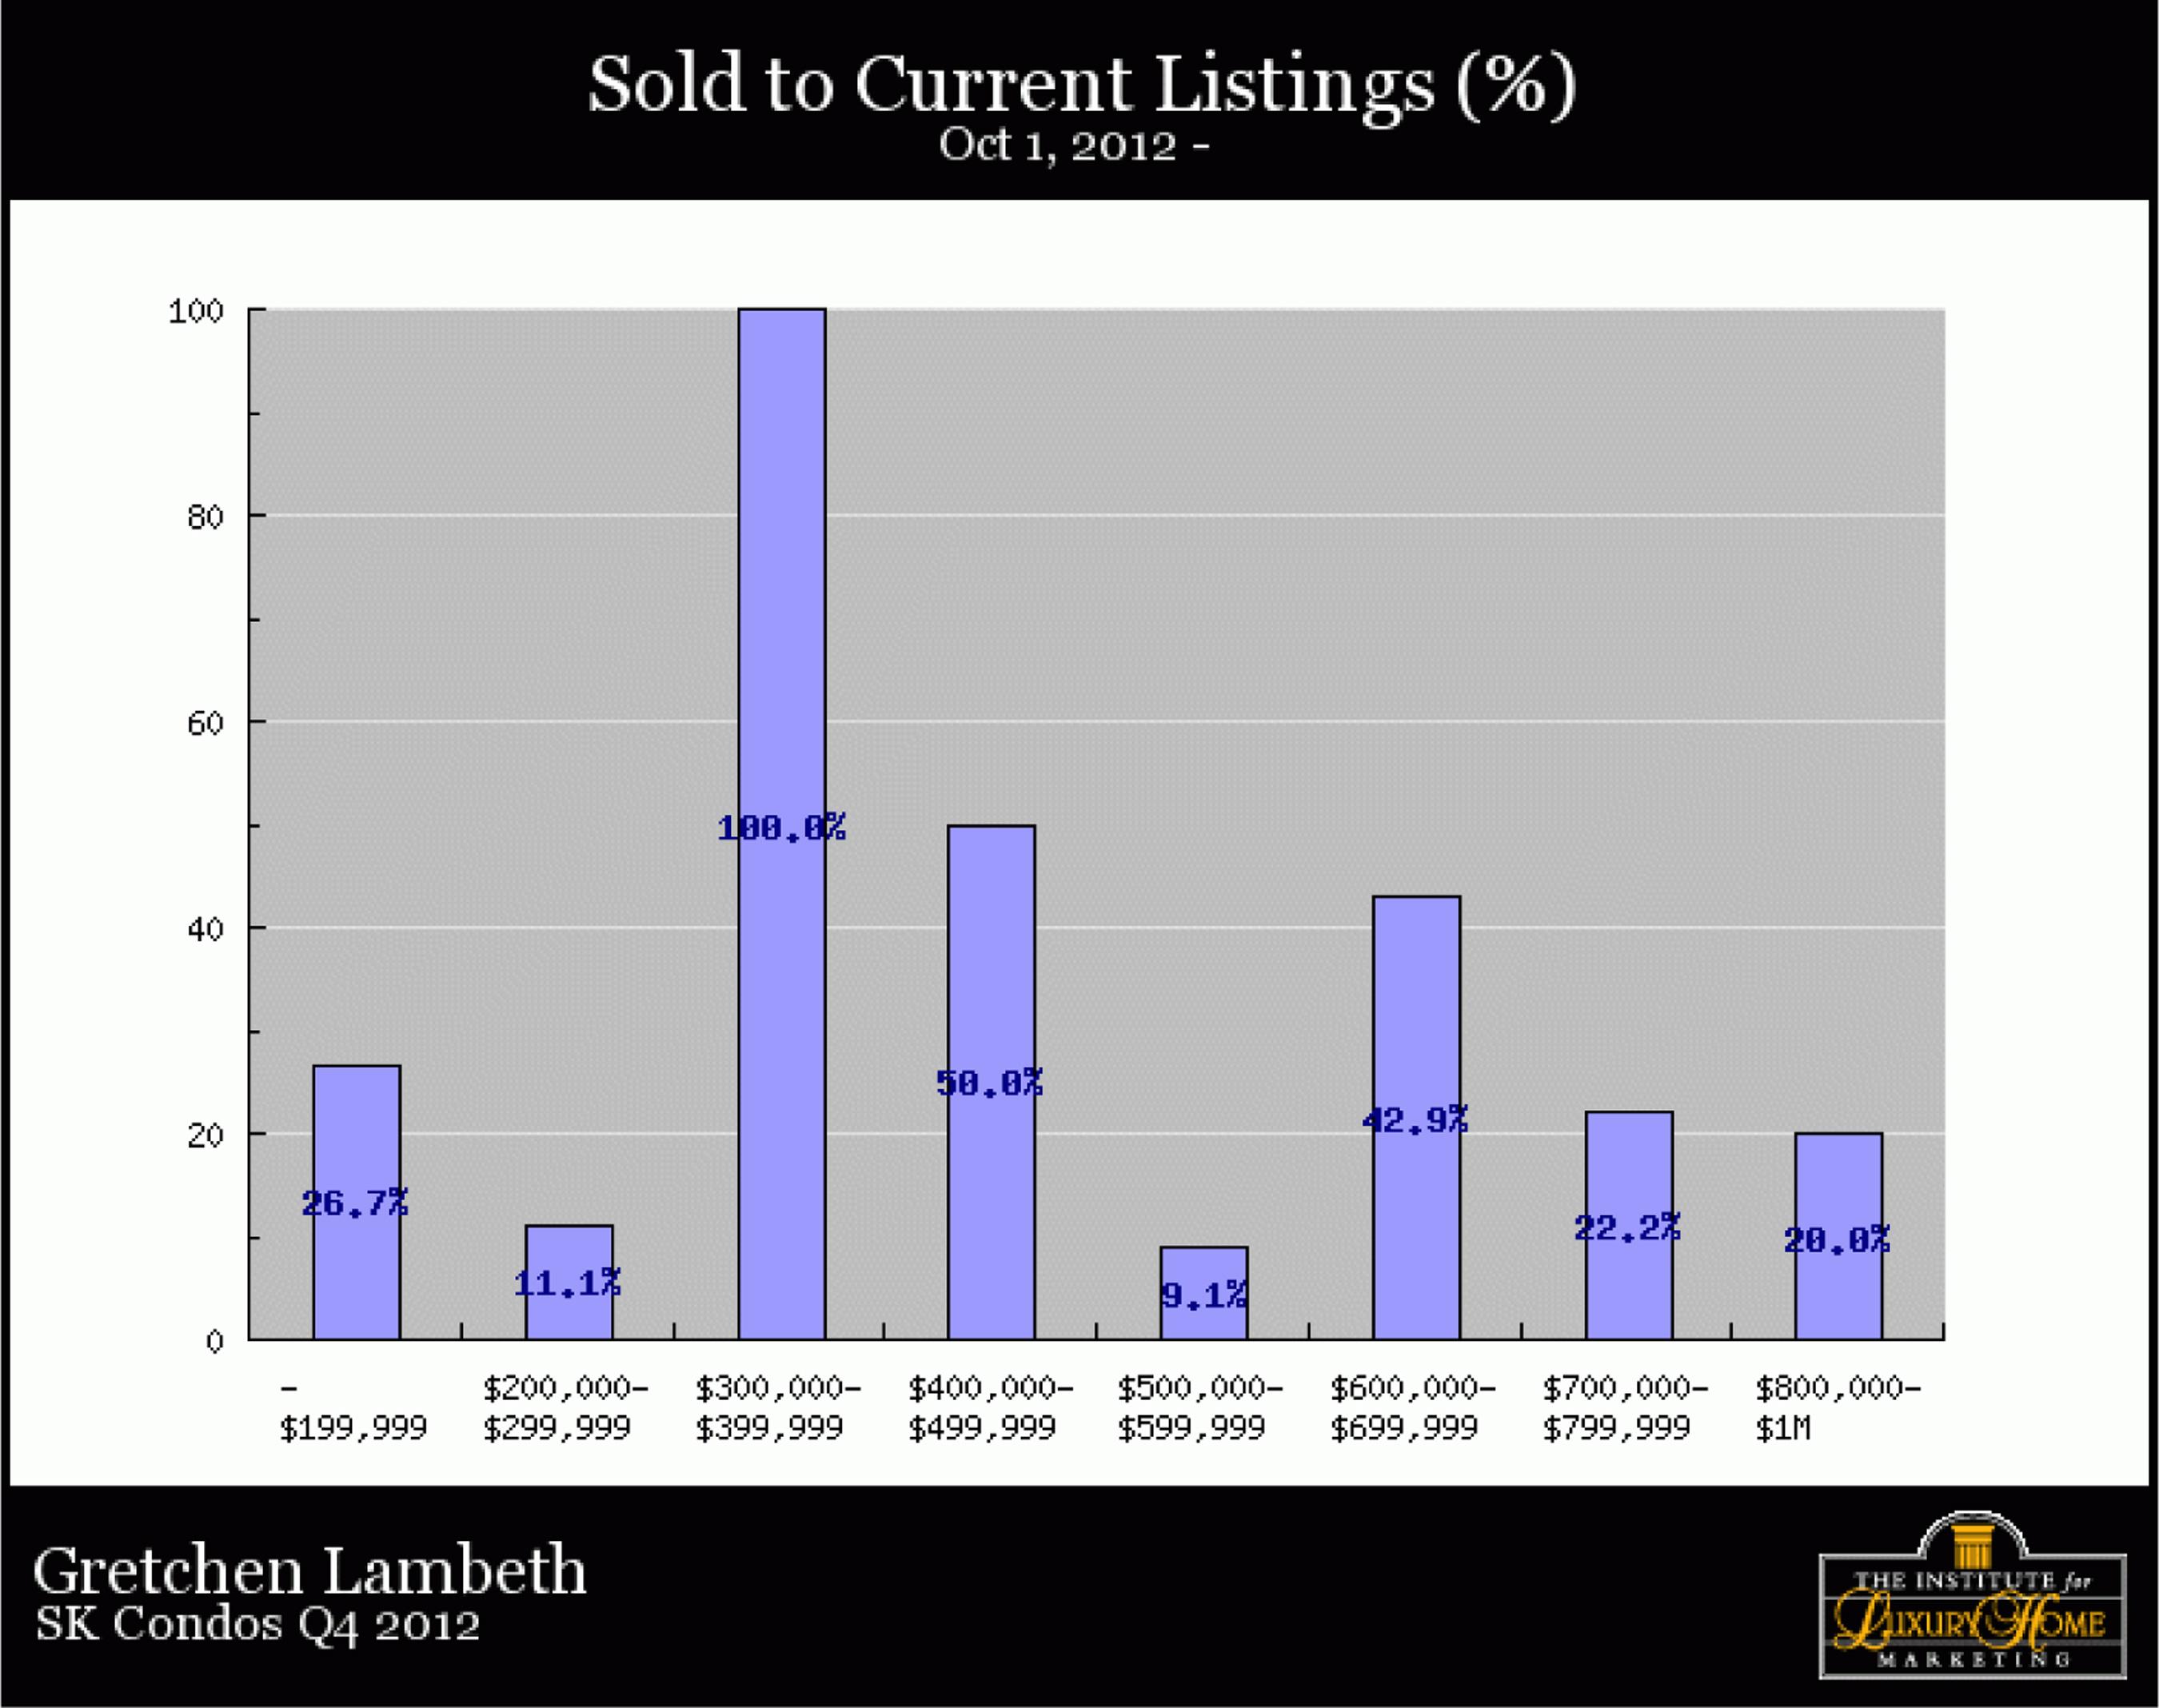 SK-Condos-Q4-2012-soldtocurretlistpercentage